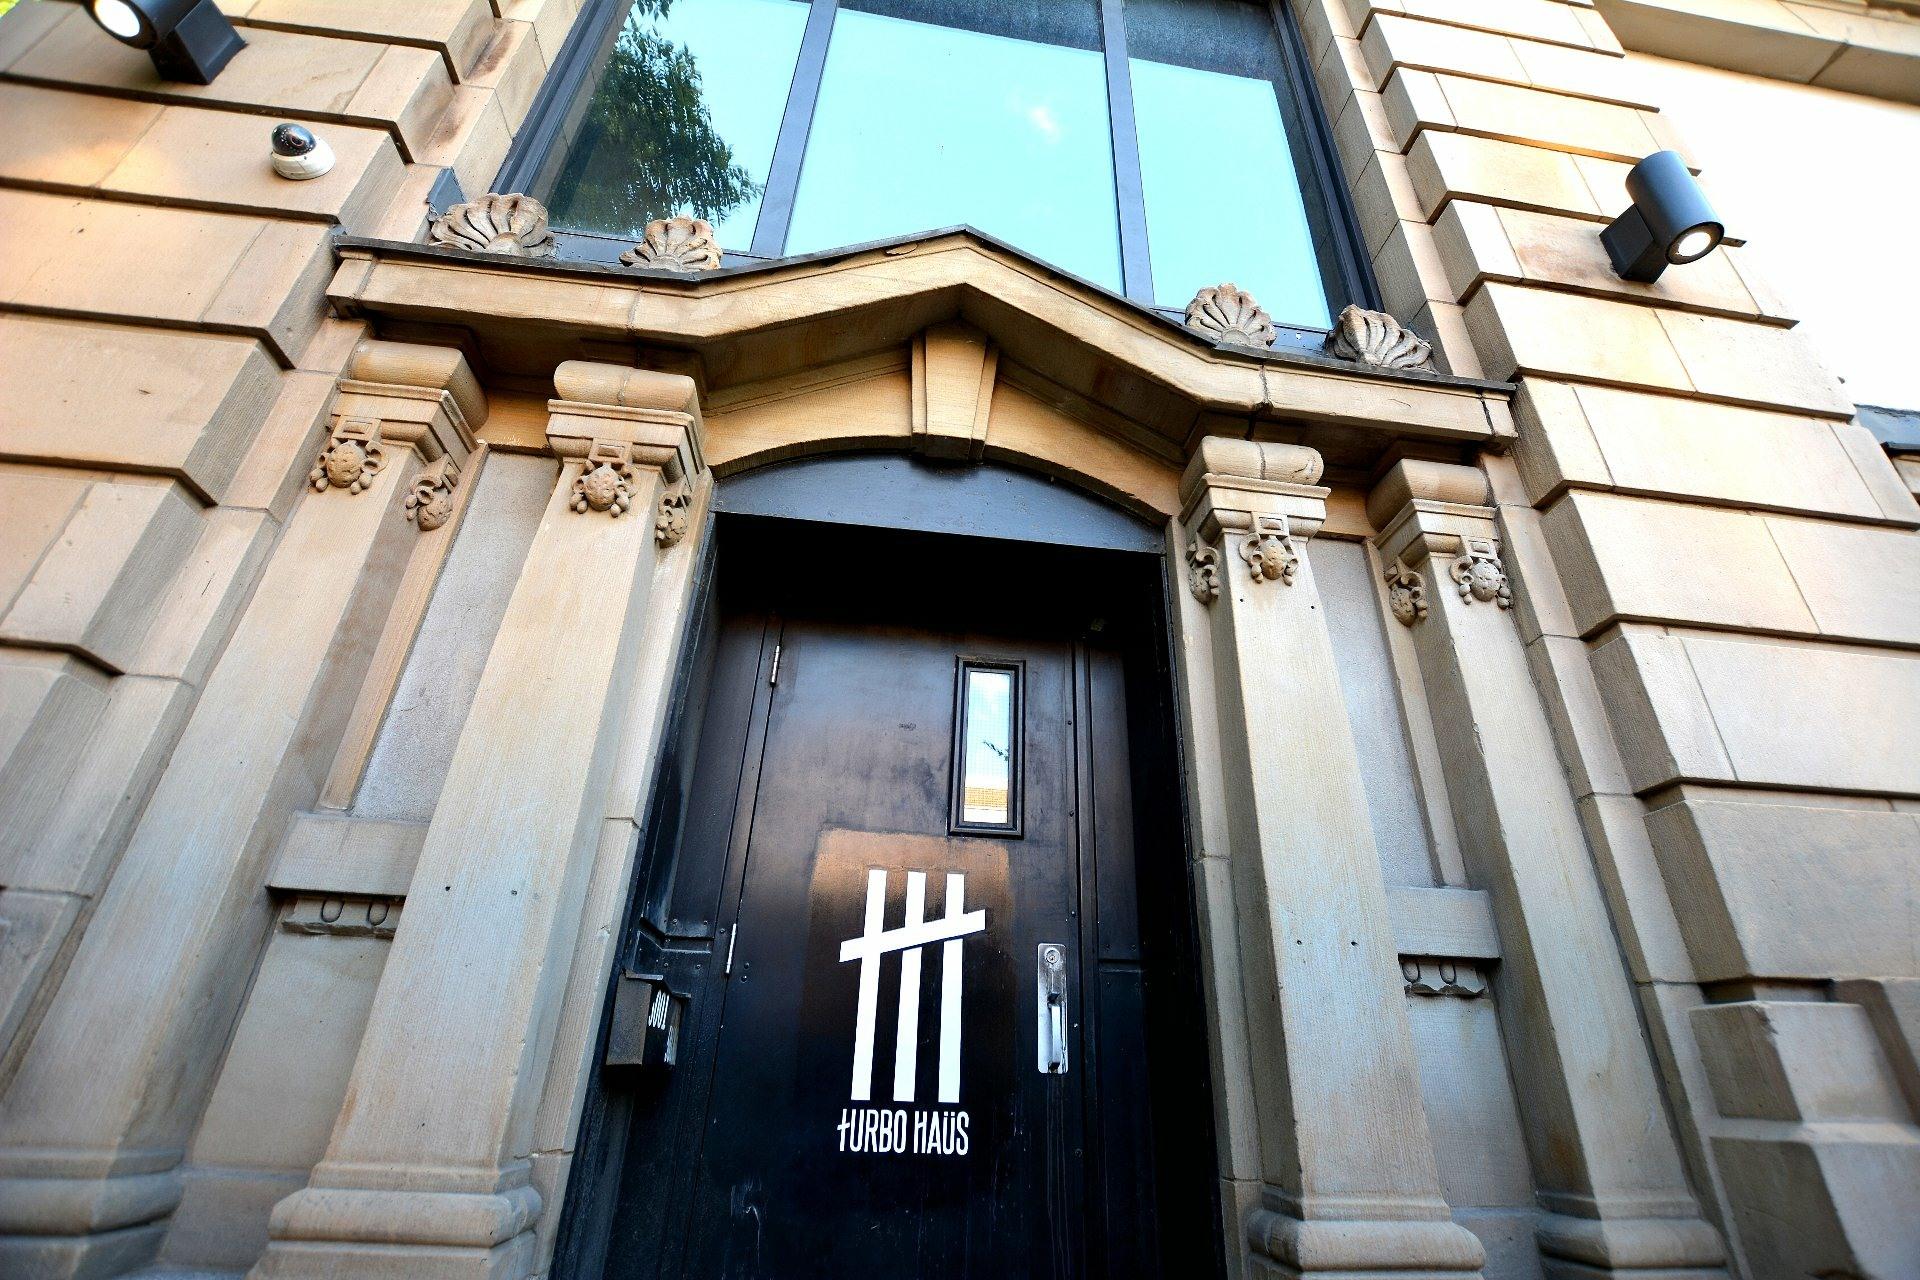 image 40 - Immeuble à revenus À vendre Montréal Le Sud-Ouest